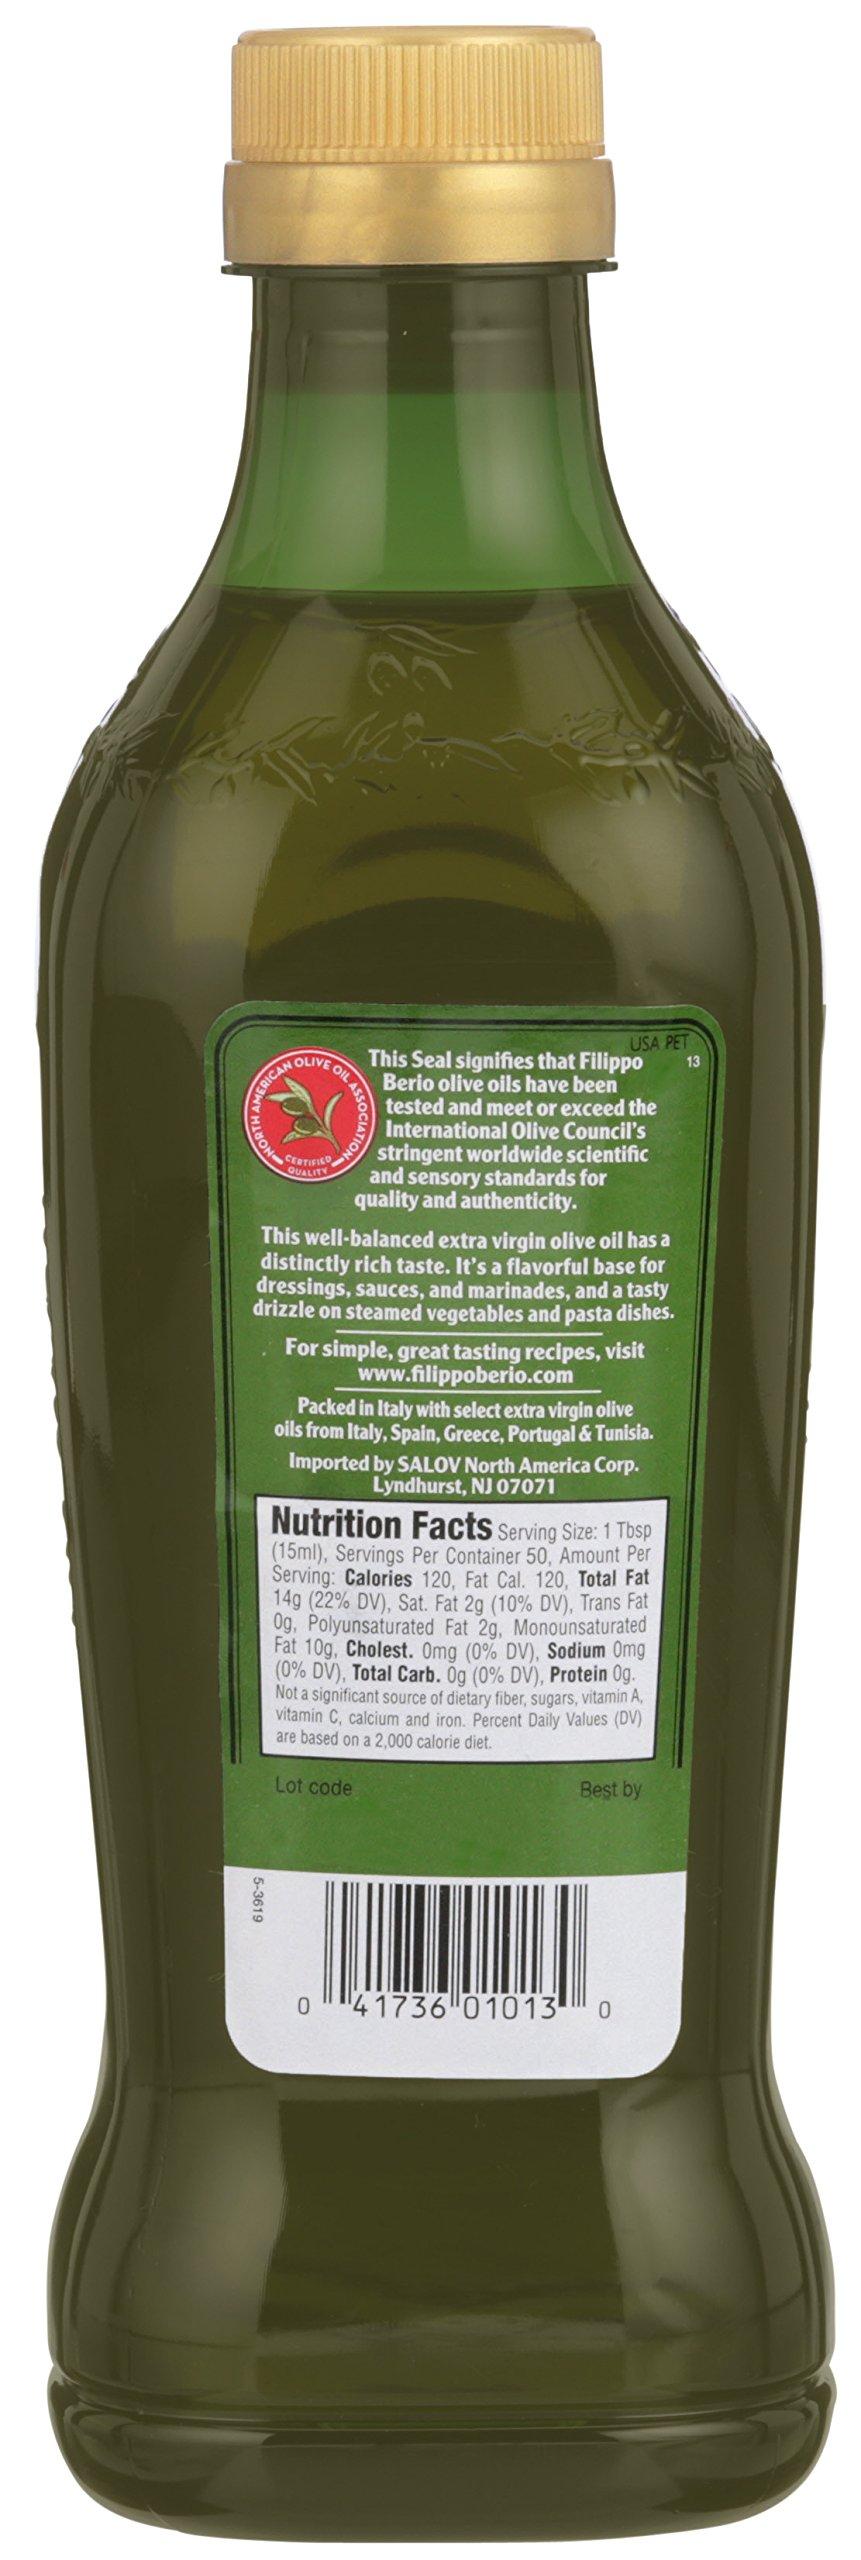 Filippo Berio Extra Virgin Olive Oil, 25.3-Ounce by Filippo Berio (Image #3)